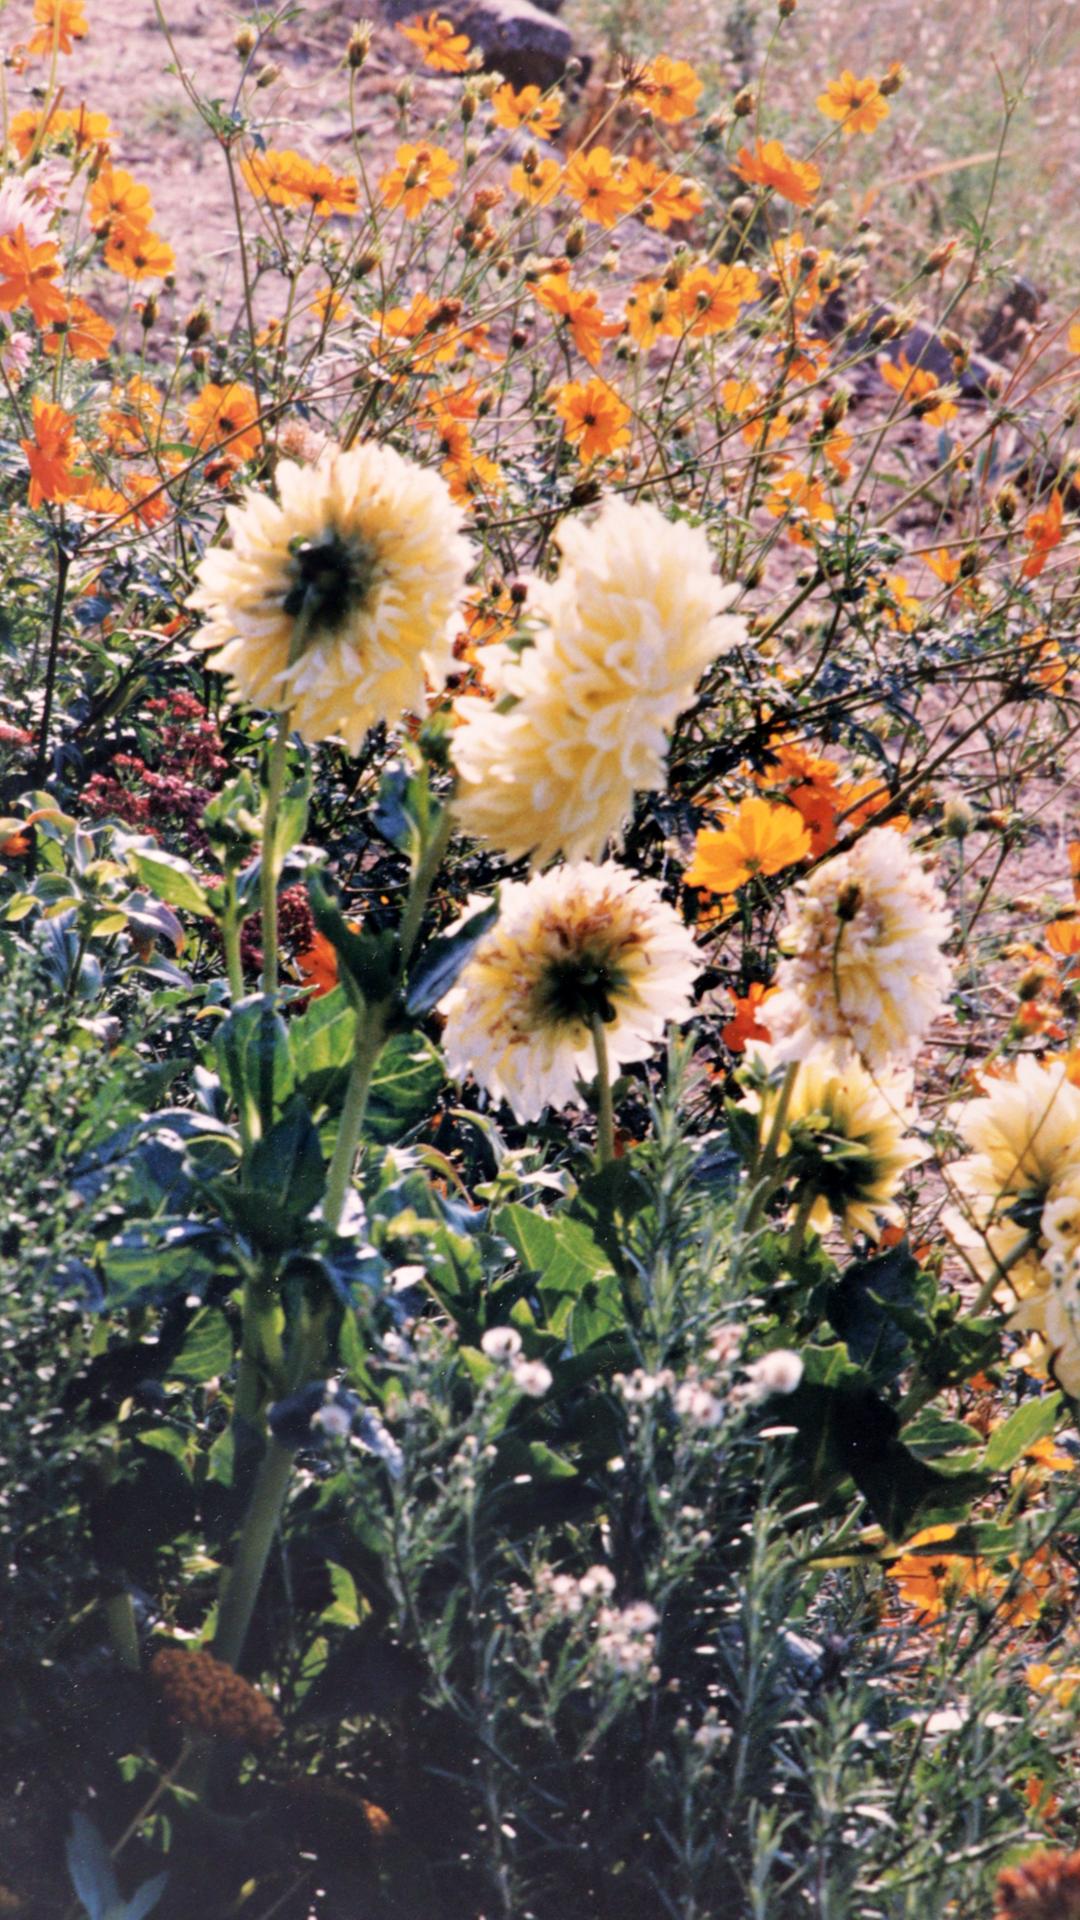 Jardin de la tuilerie en 1998 - Photo par Alfred Cailloux